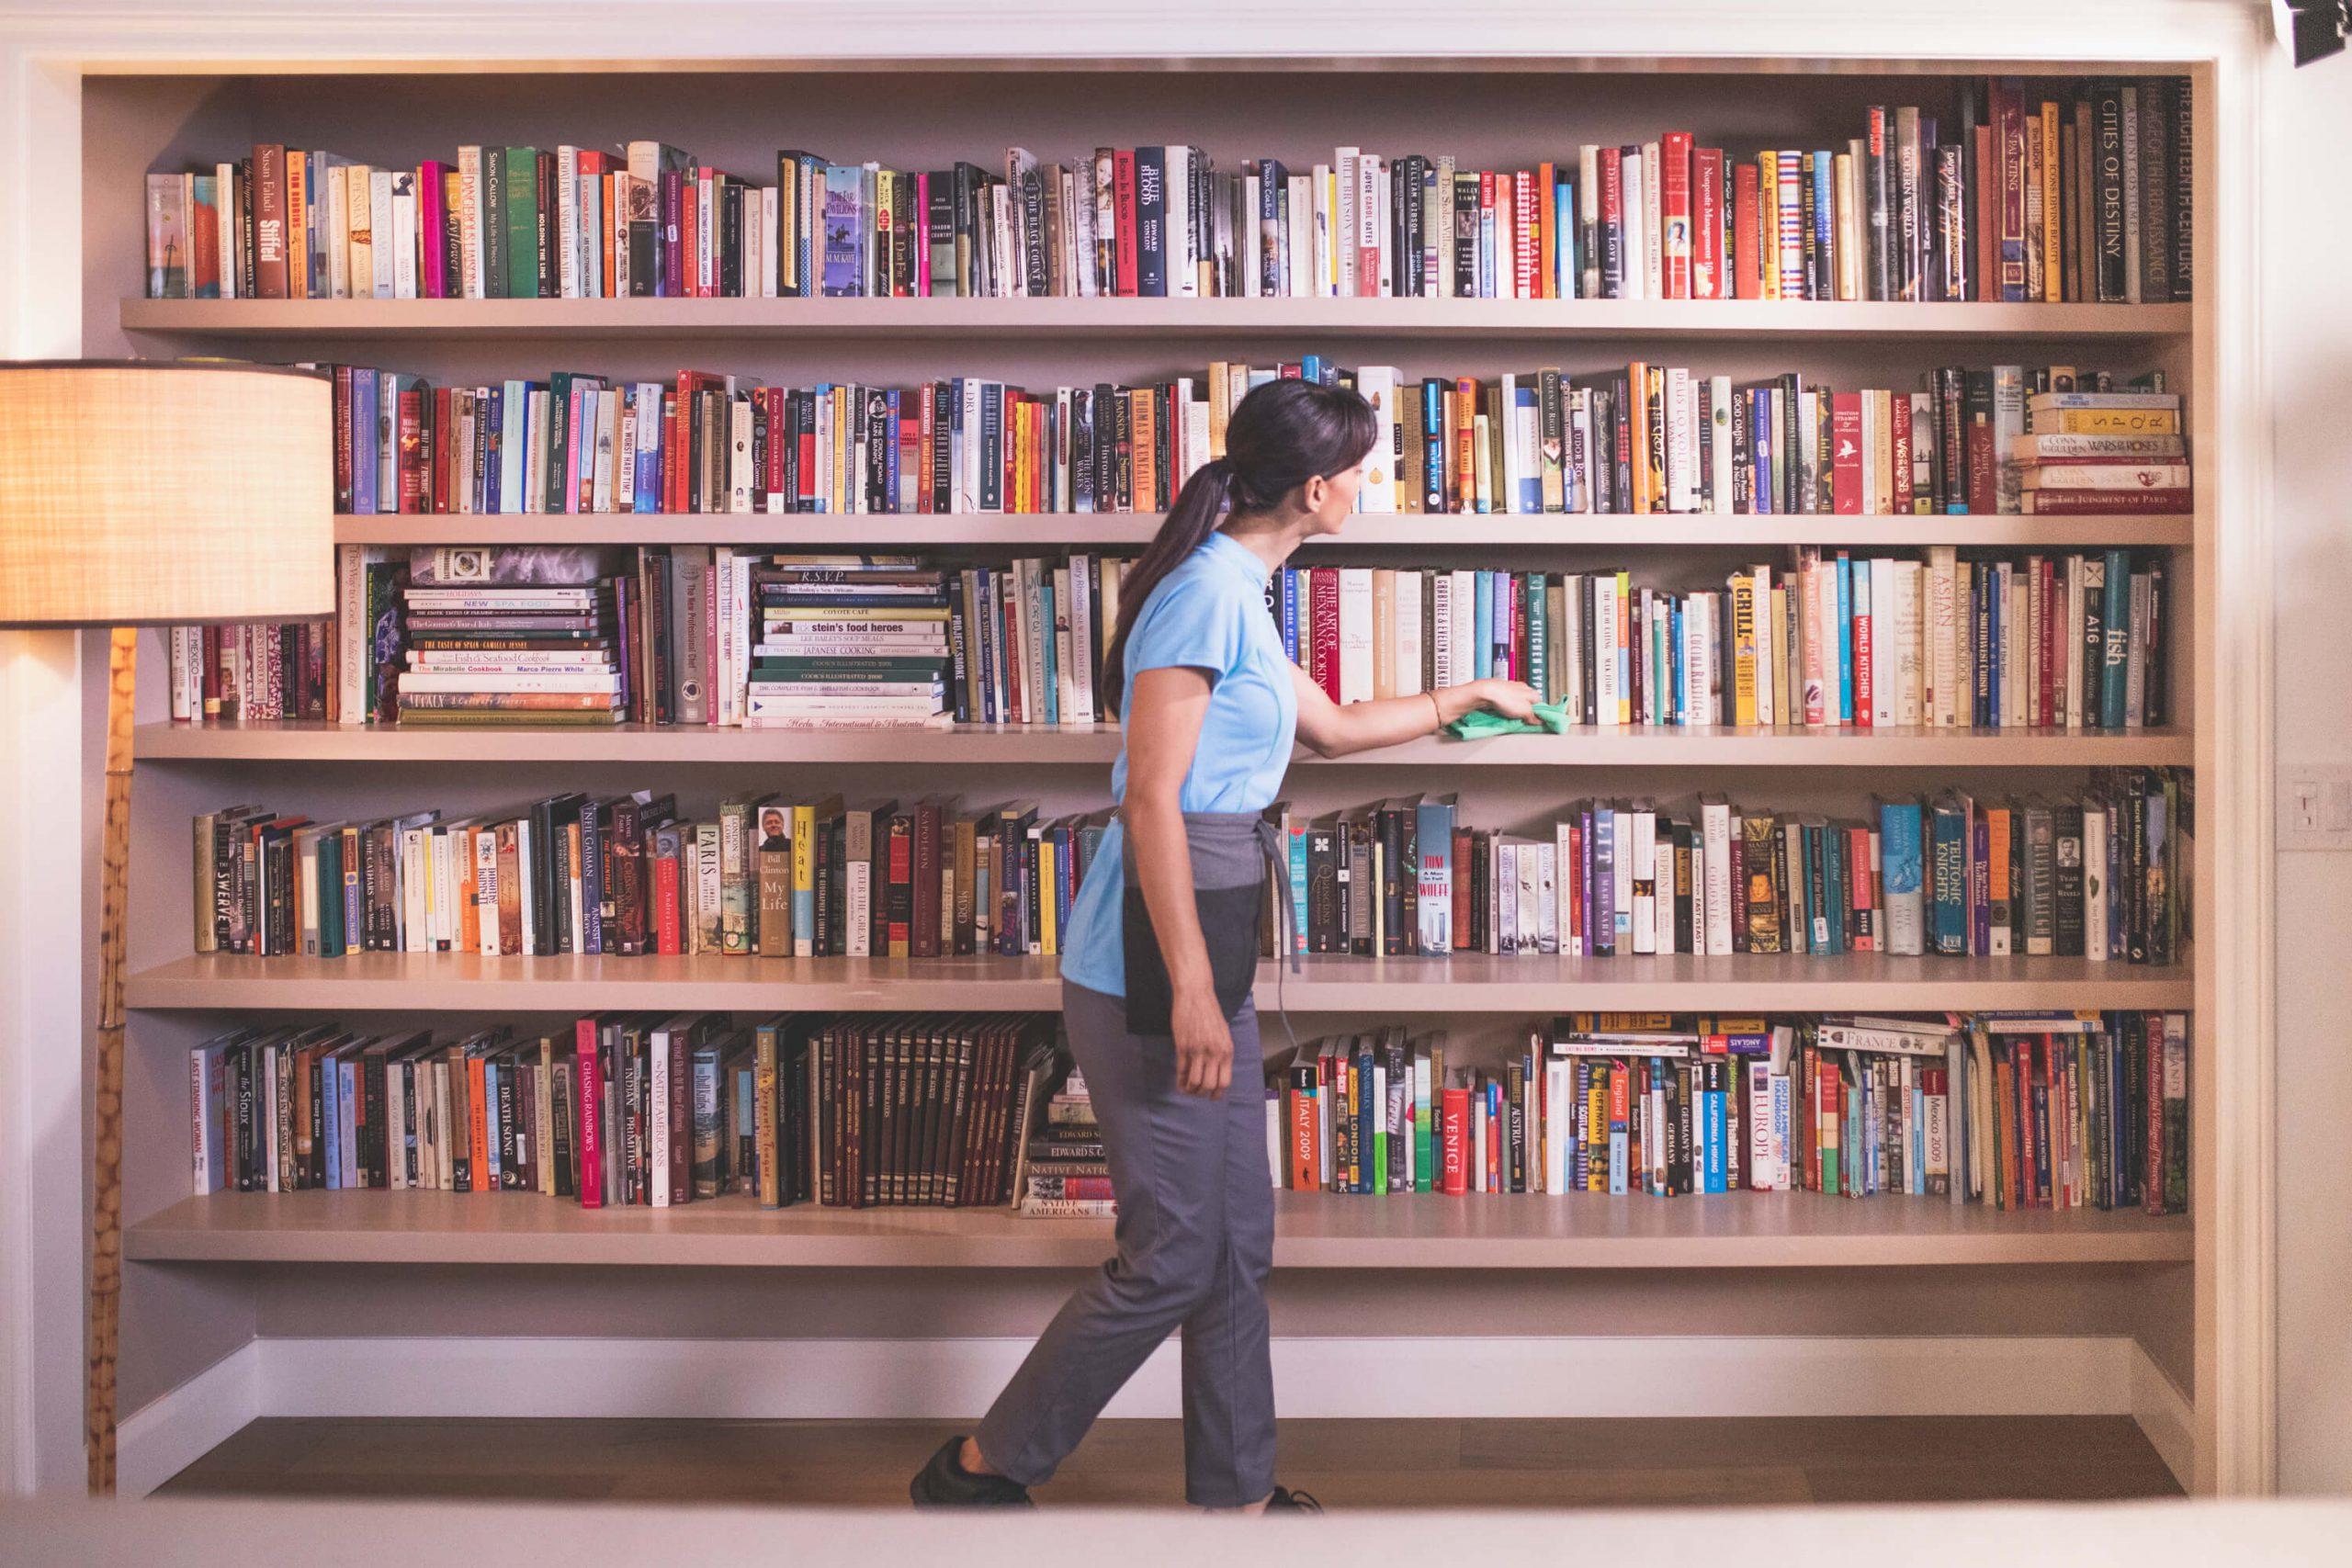 چطور به بهترین نحو کتابخانهتان را بچینید